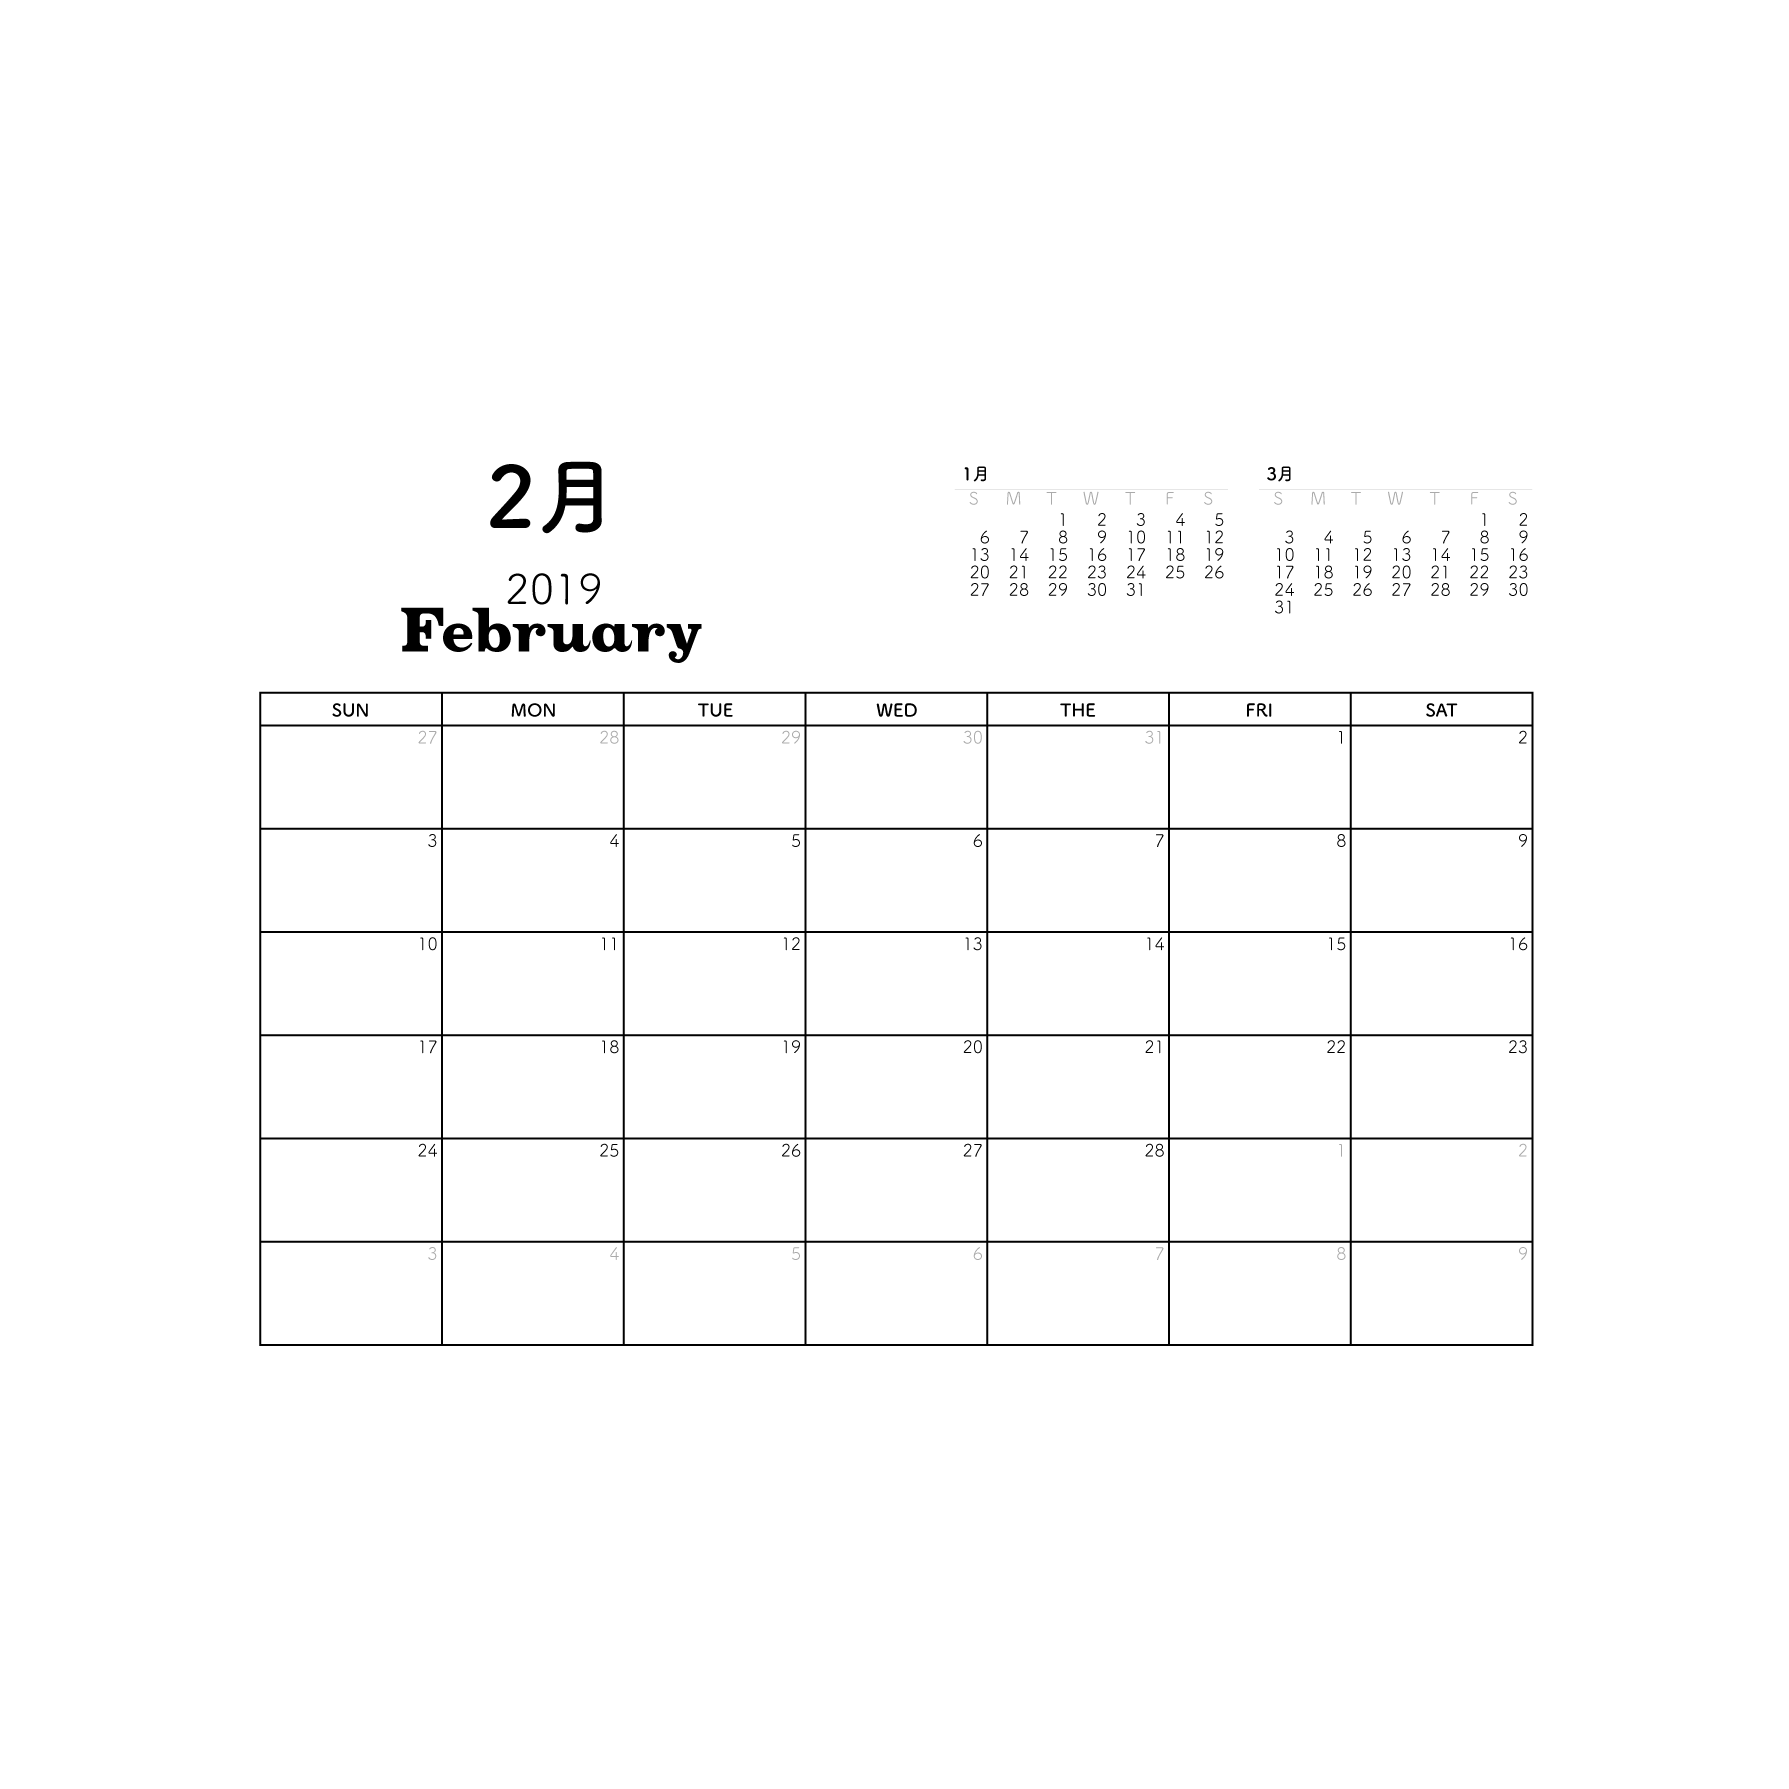 カレンダー 19 印刷用 2月 無料 サイズ 横 イラスト 商用フリー 無料 のイラスト素材なら イラストマンション